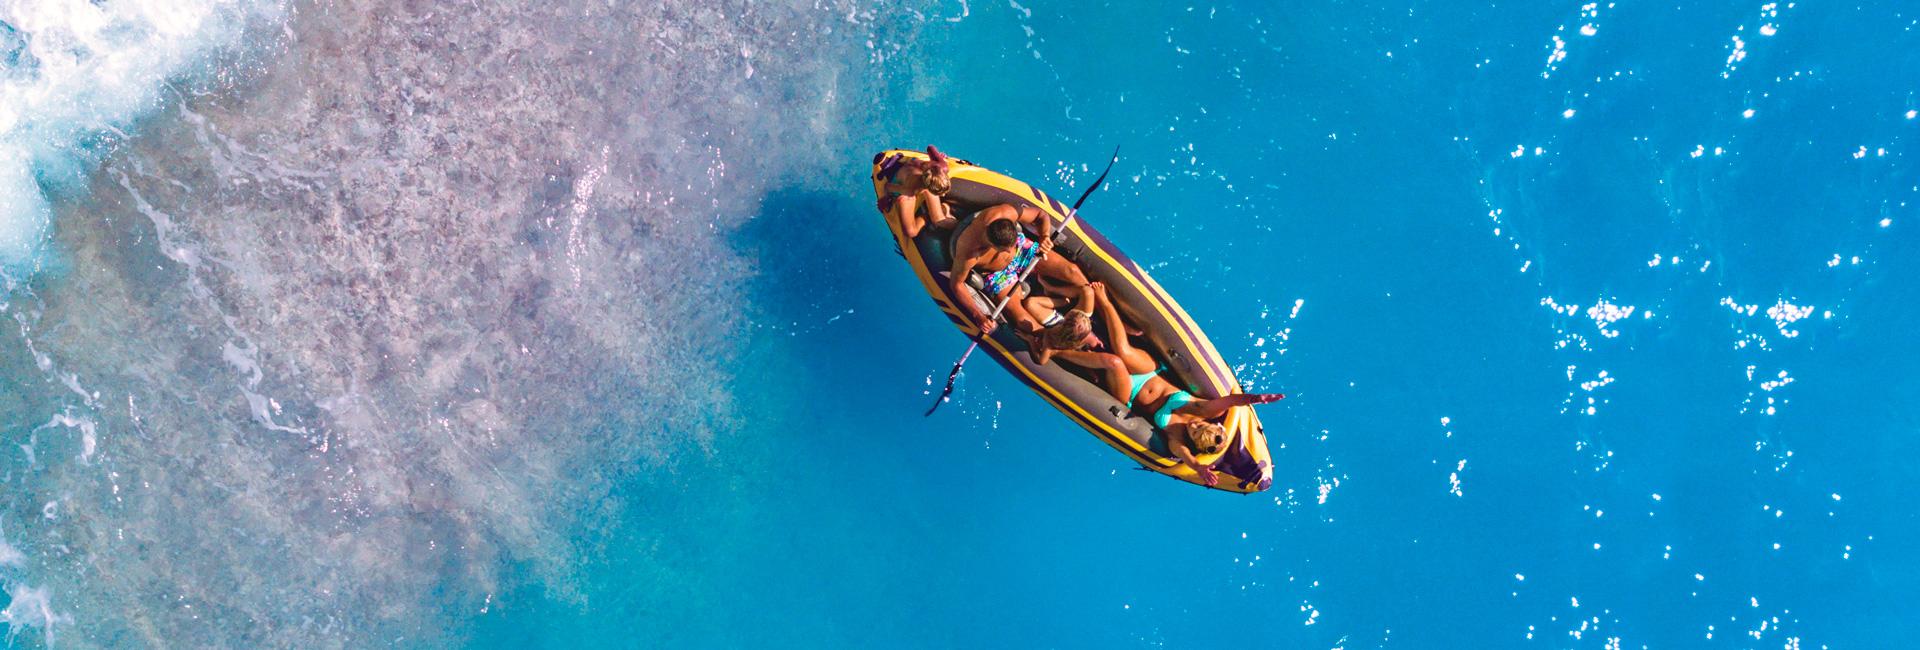 Fun activities in puerto vallarta